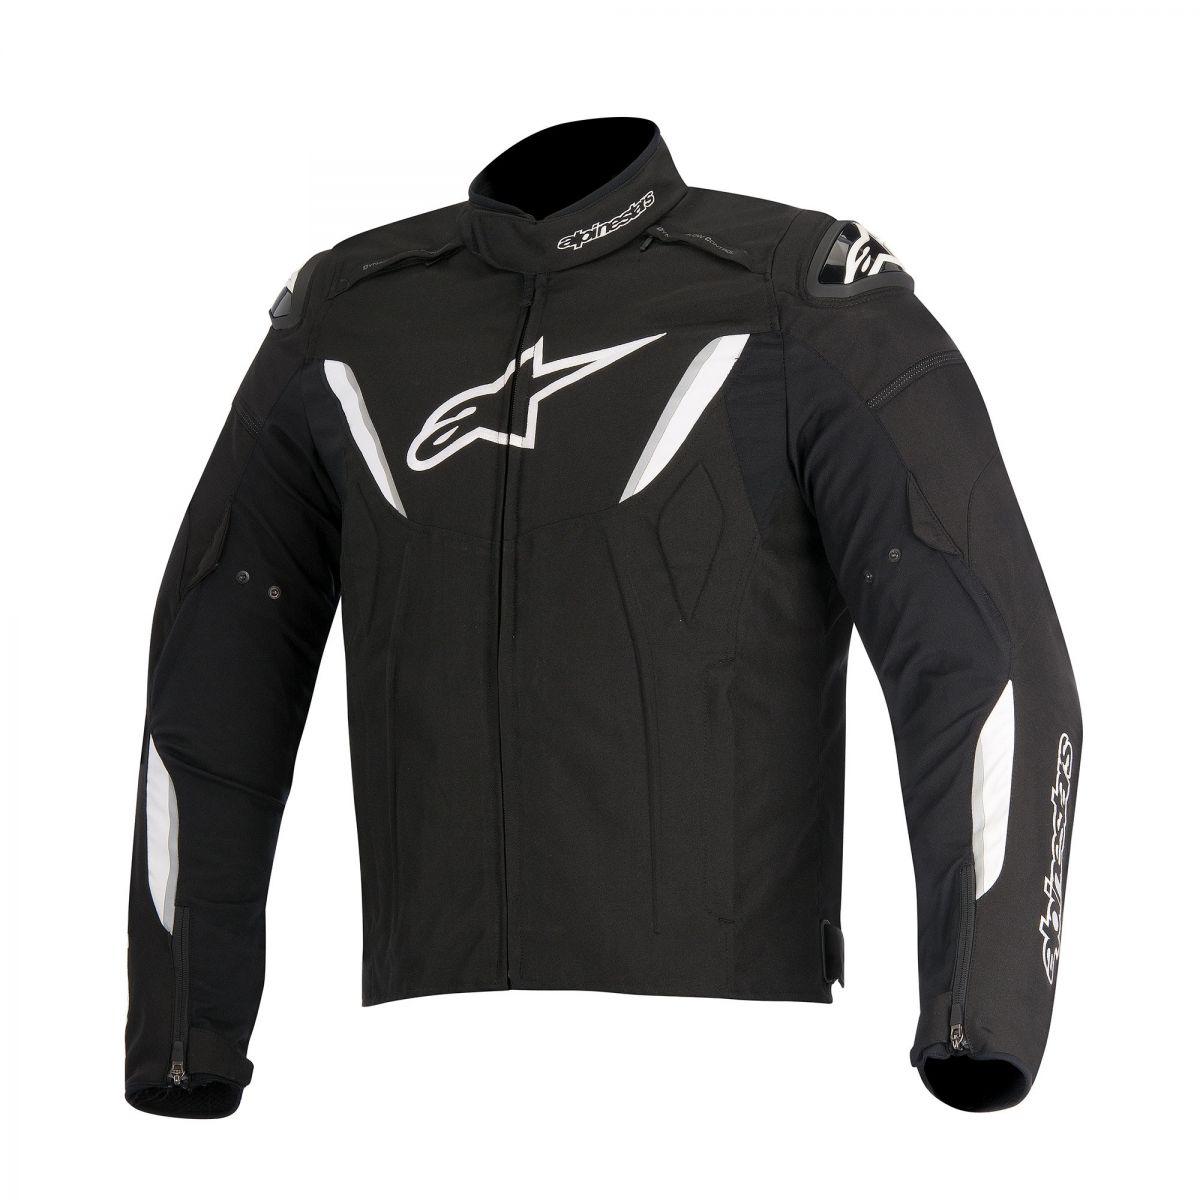 Jaqueta Alpinestars T-GP R (Black/ White) IMPERMEÁVEL LANÇAMENTO!  - Planet Bike Shop Moto Acessórios